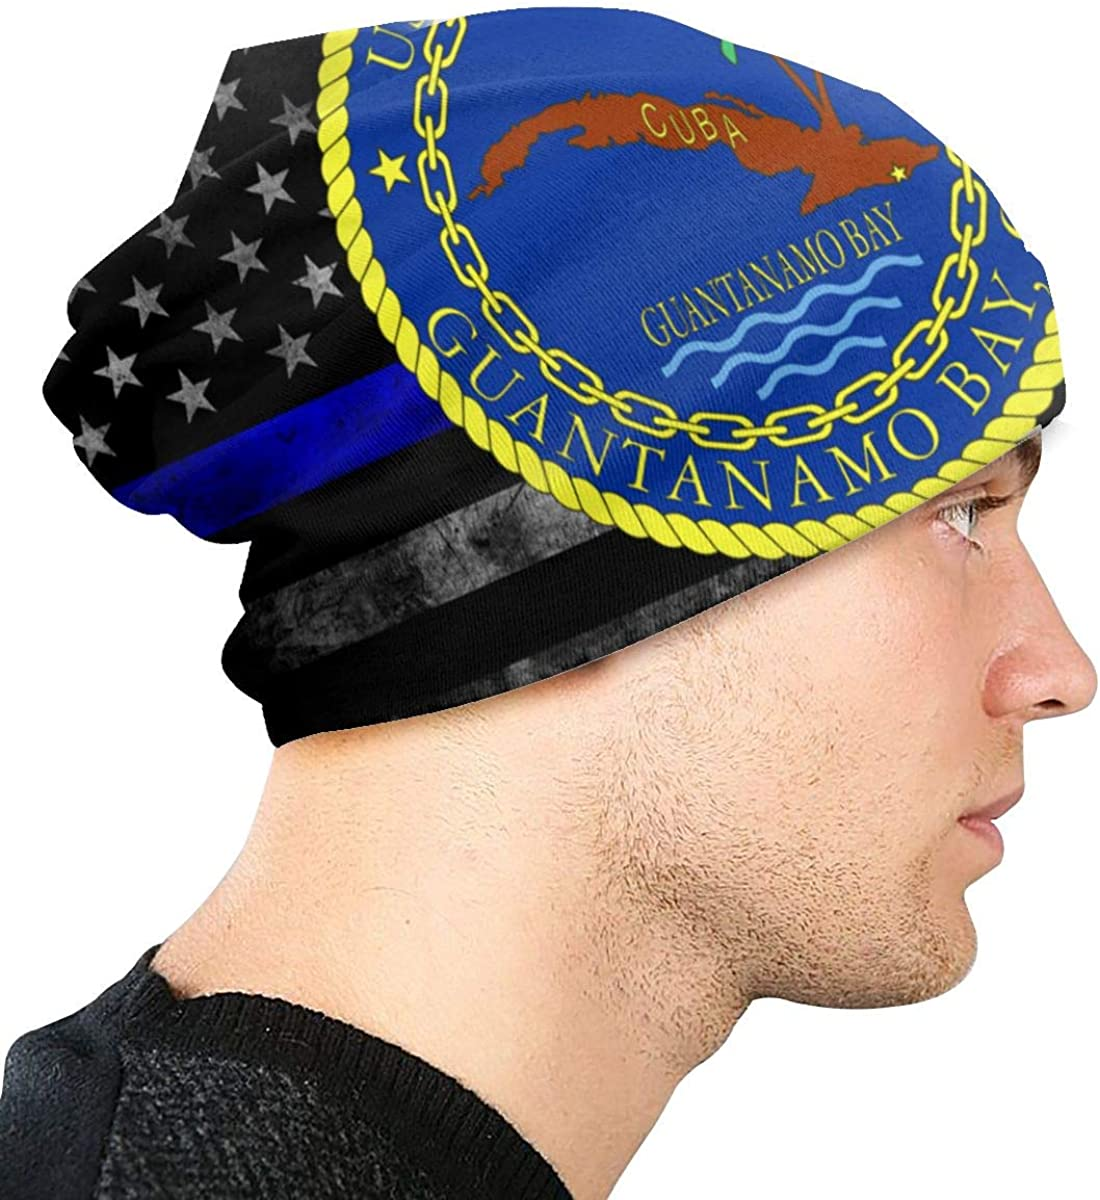 Guantanamo Bay Cuba Naval Base Seal Unisex Warm Hat Knit Hat Skull Cap Beanies Cap